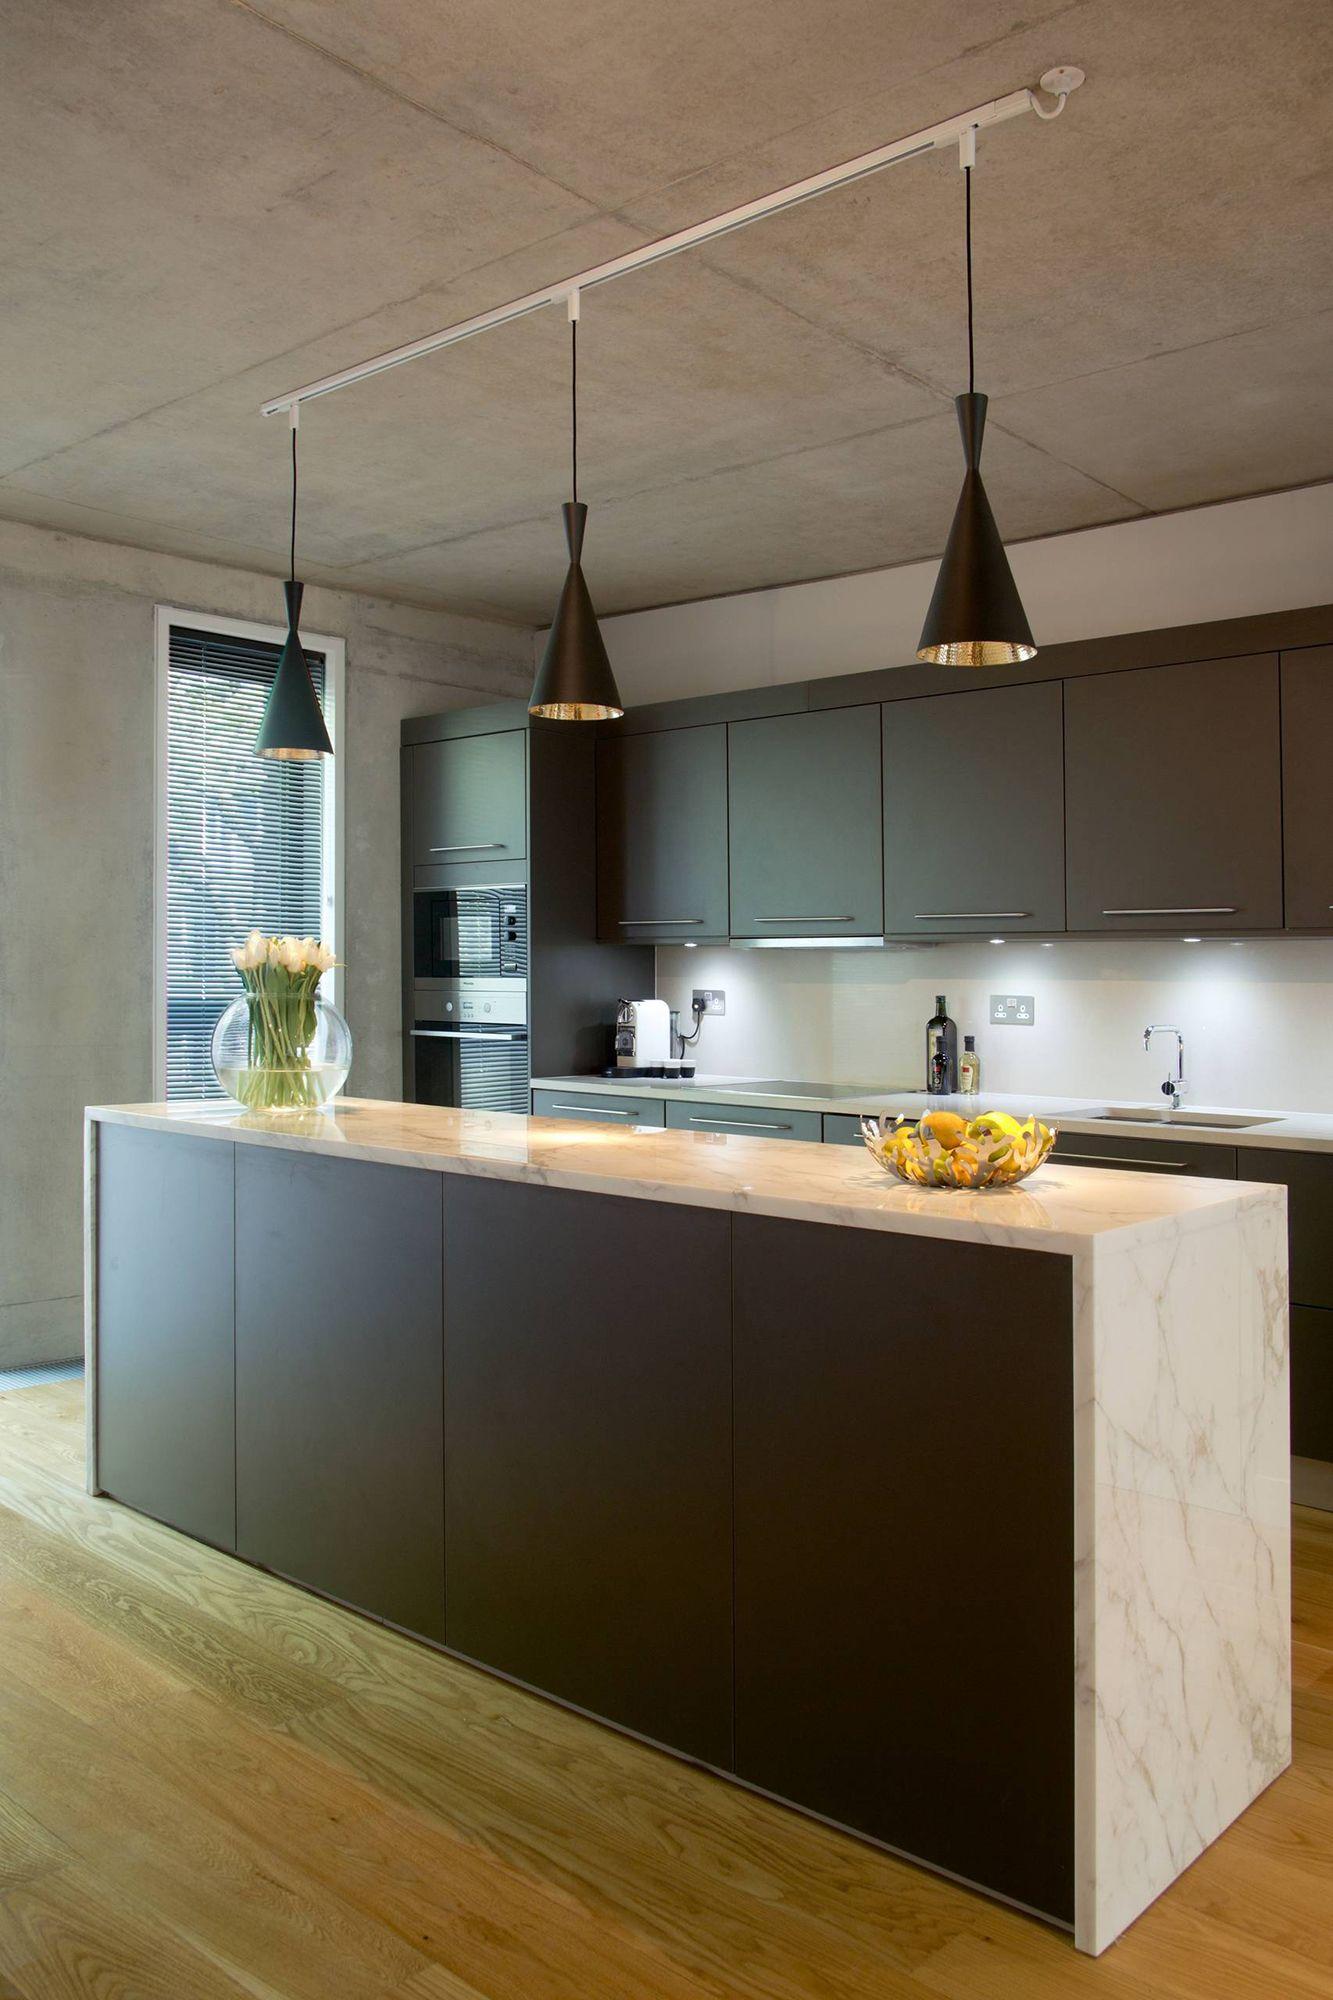 Beat Pendant Light In 2021 Pendant Track Lighting Track Lighting Kitchen Kitchen Interior Pendant lights for track lighting